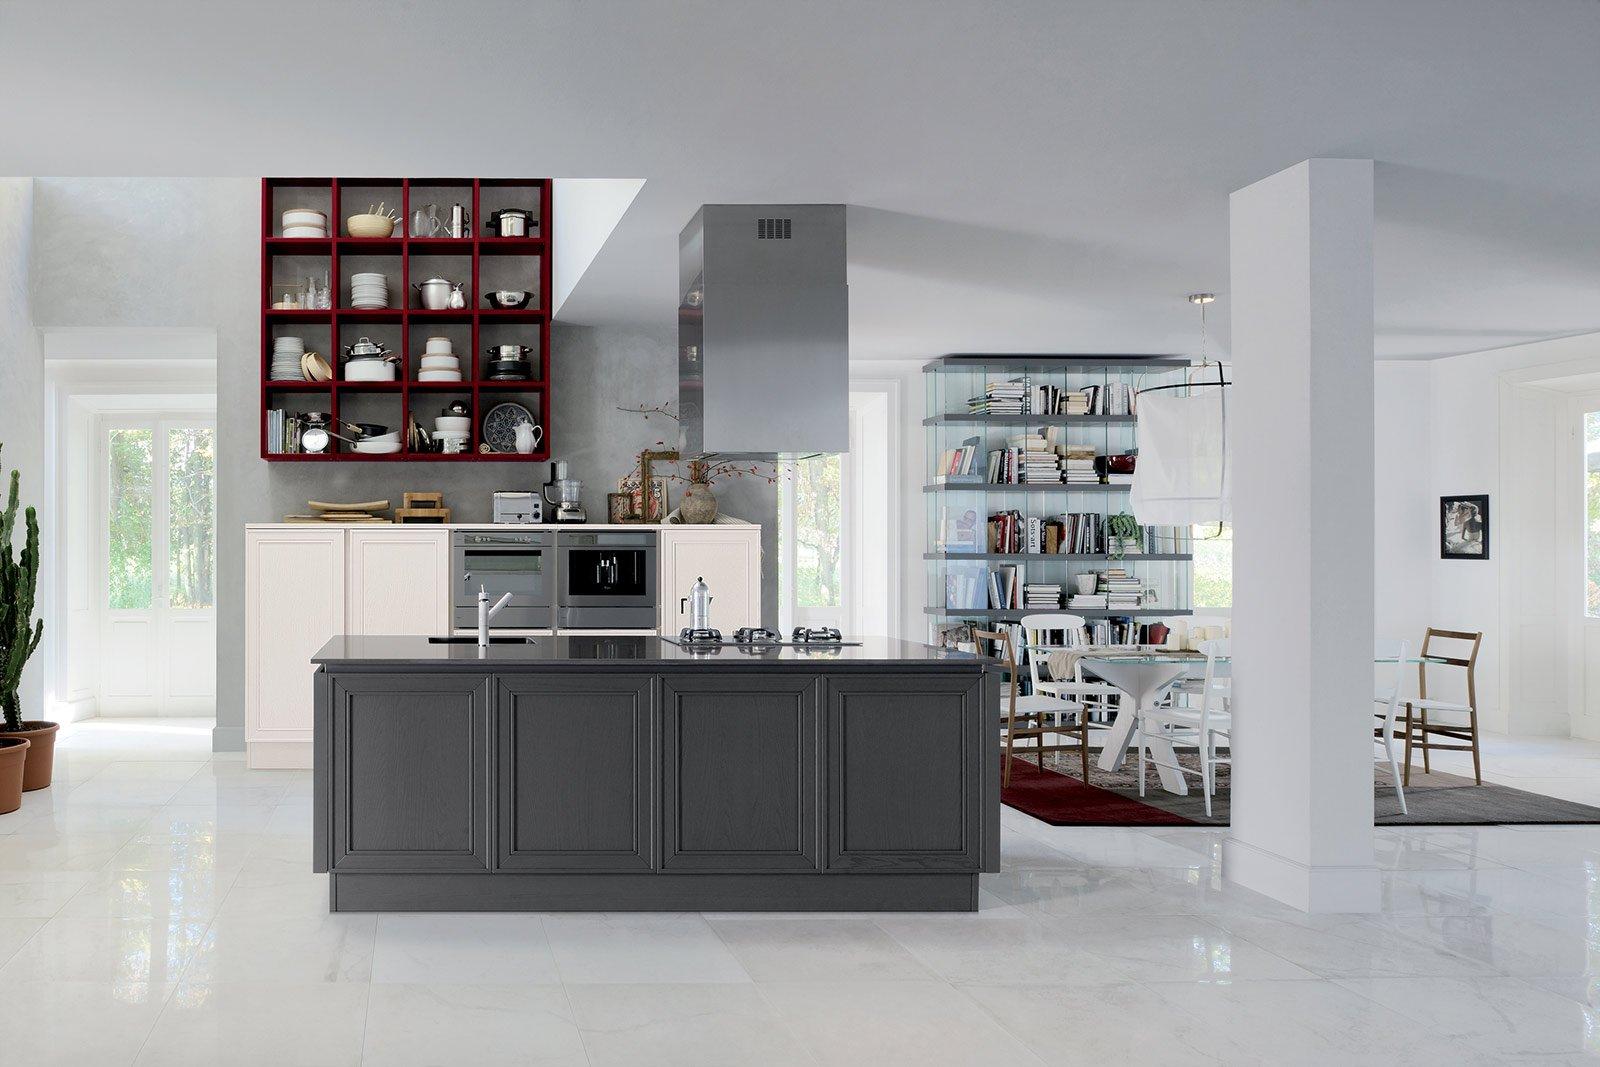 Shabby Chic Con Isola : Cucina A Legna Nordica Offerte. Cucina A Legna  #643834 1600 1067 Piccole Cucine A Legna